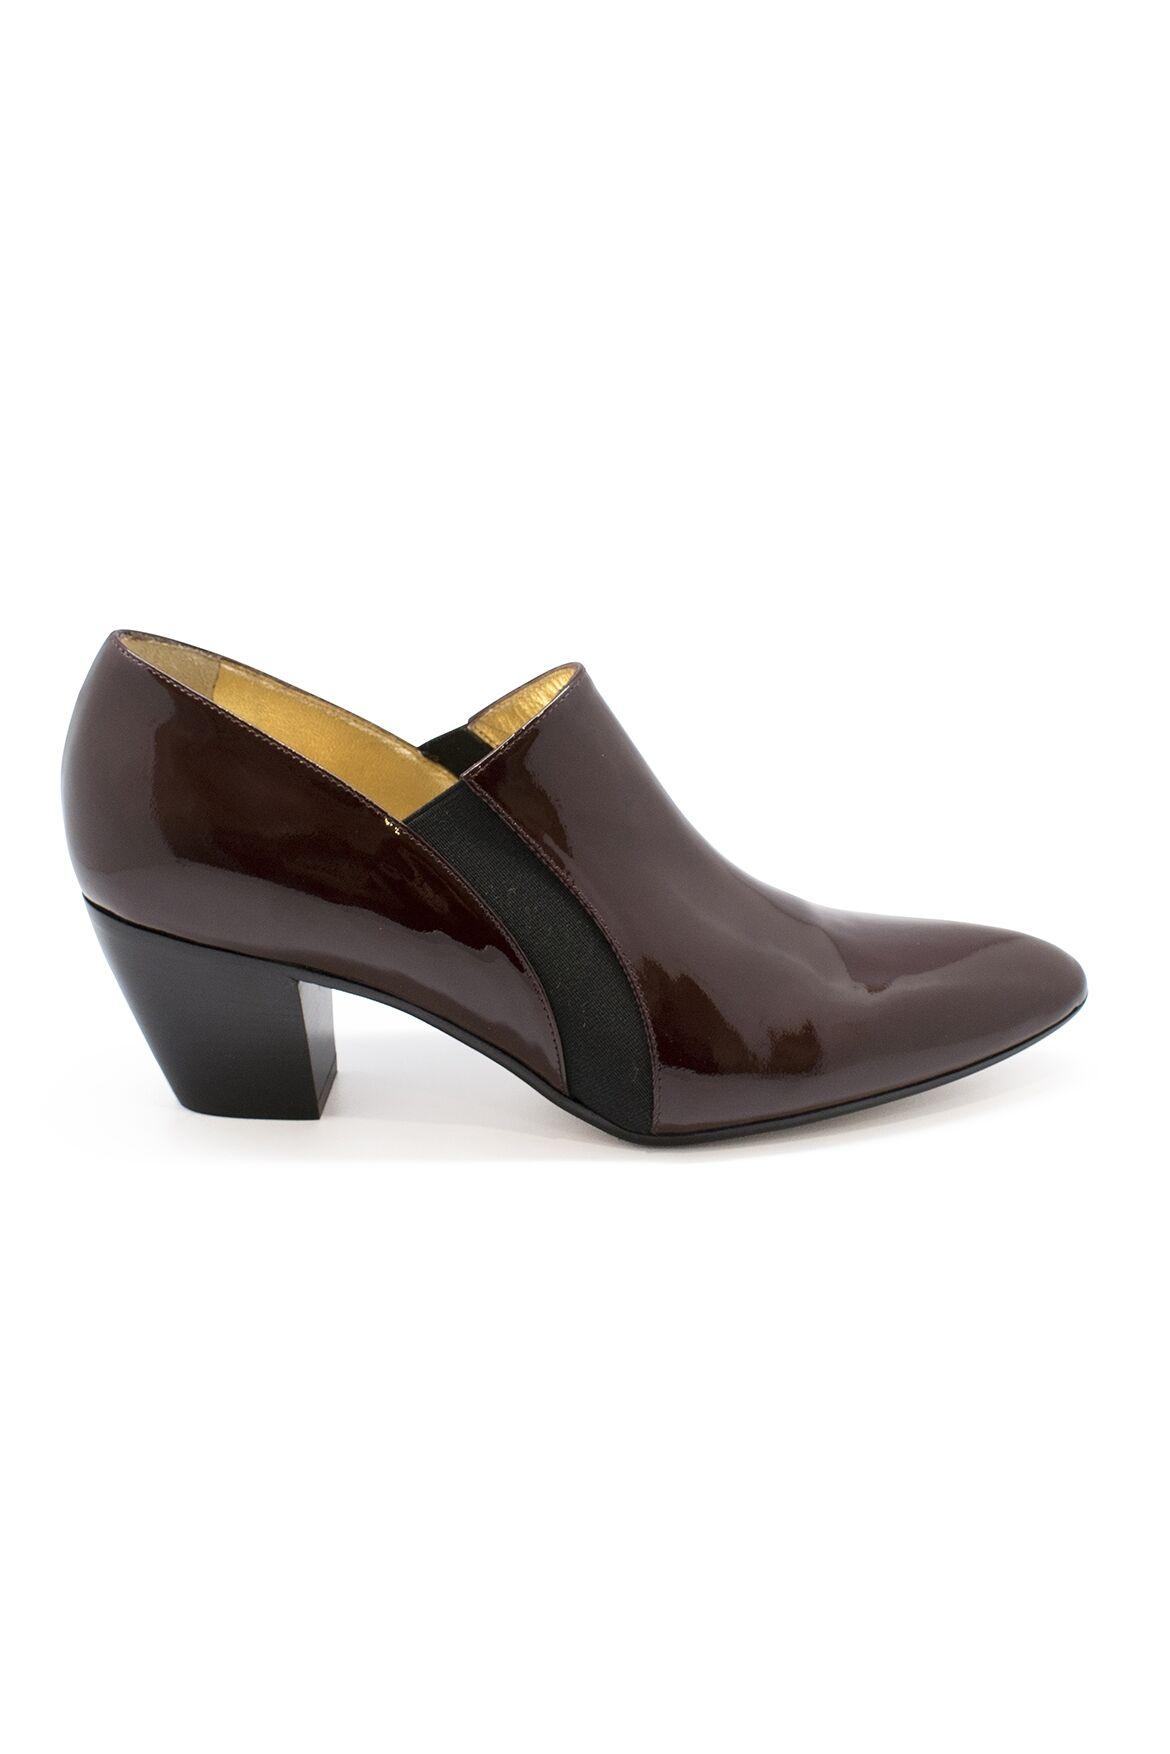 Walter Steiger Boots Seventy Eight - Pointure: 40,5